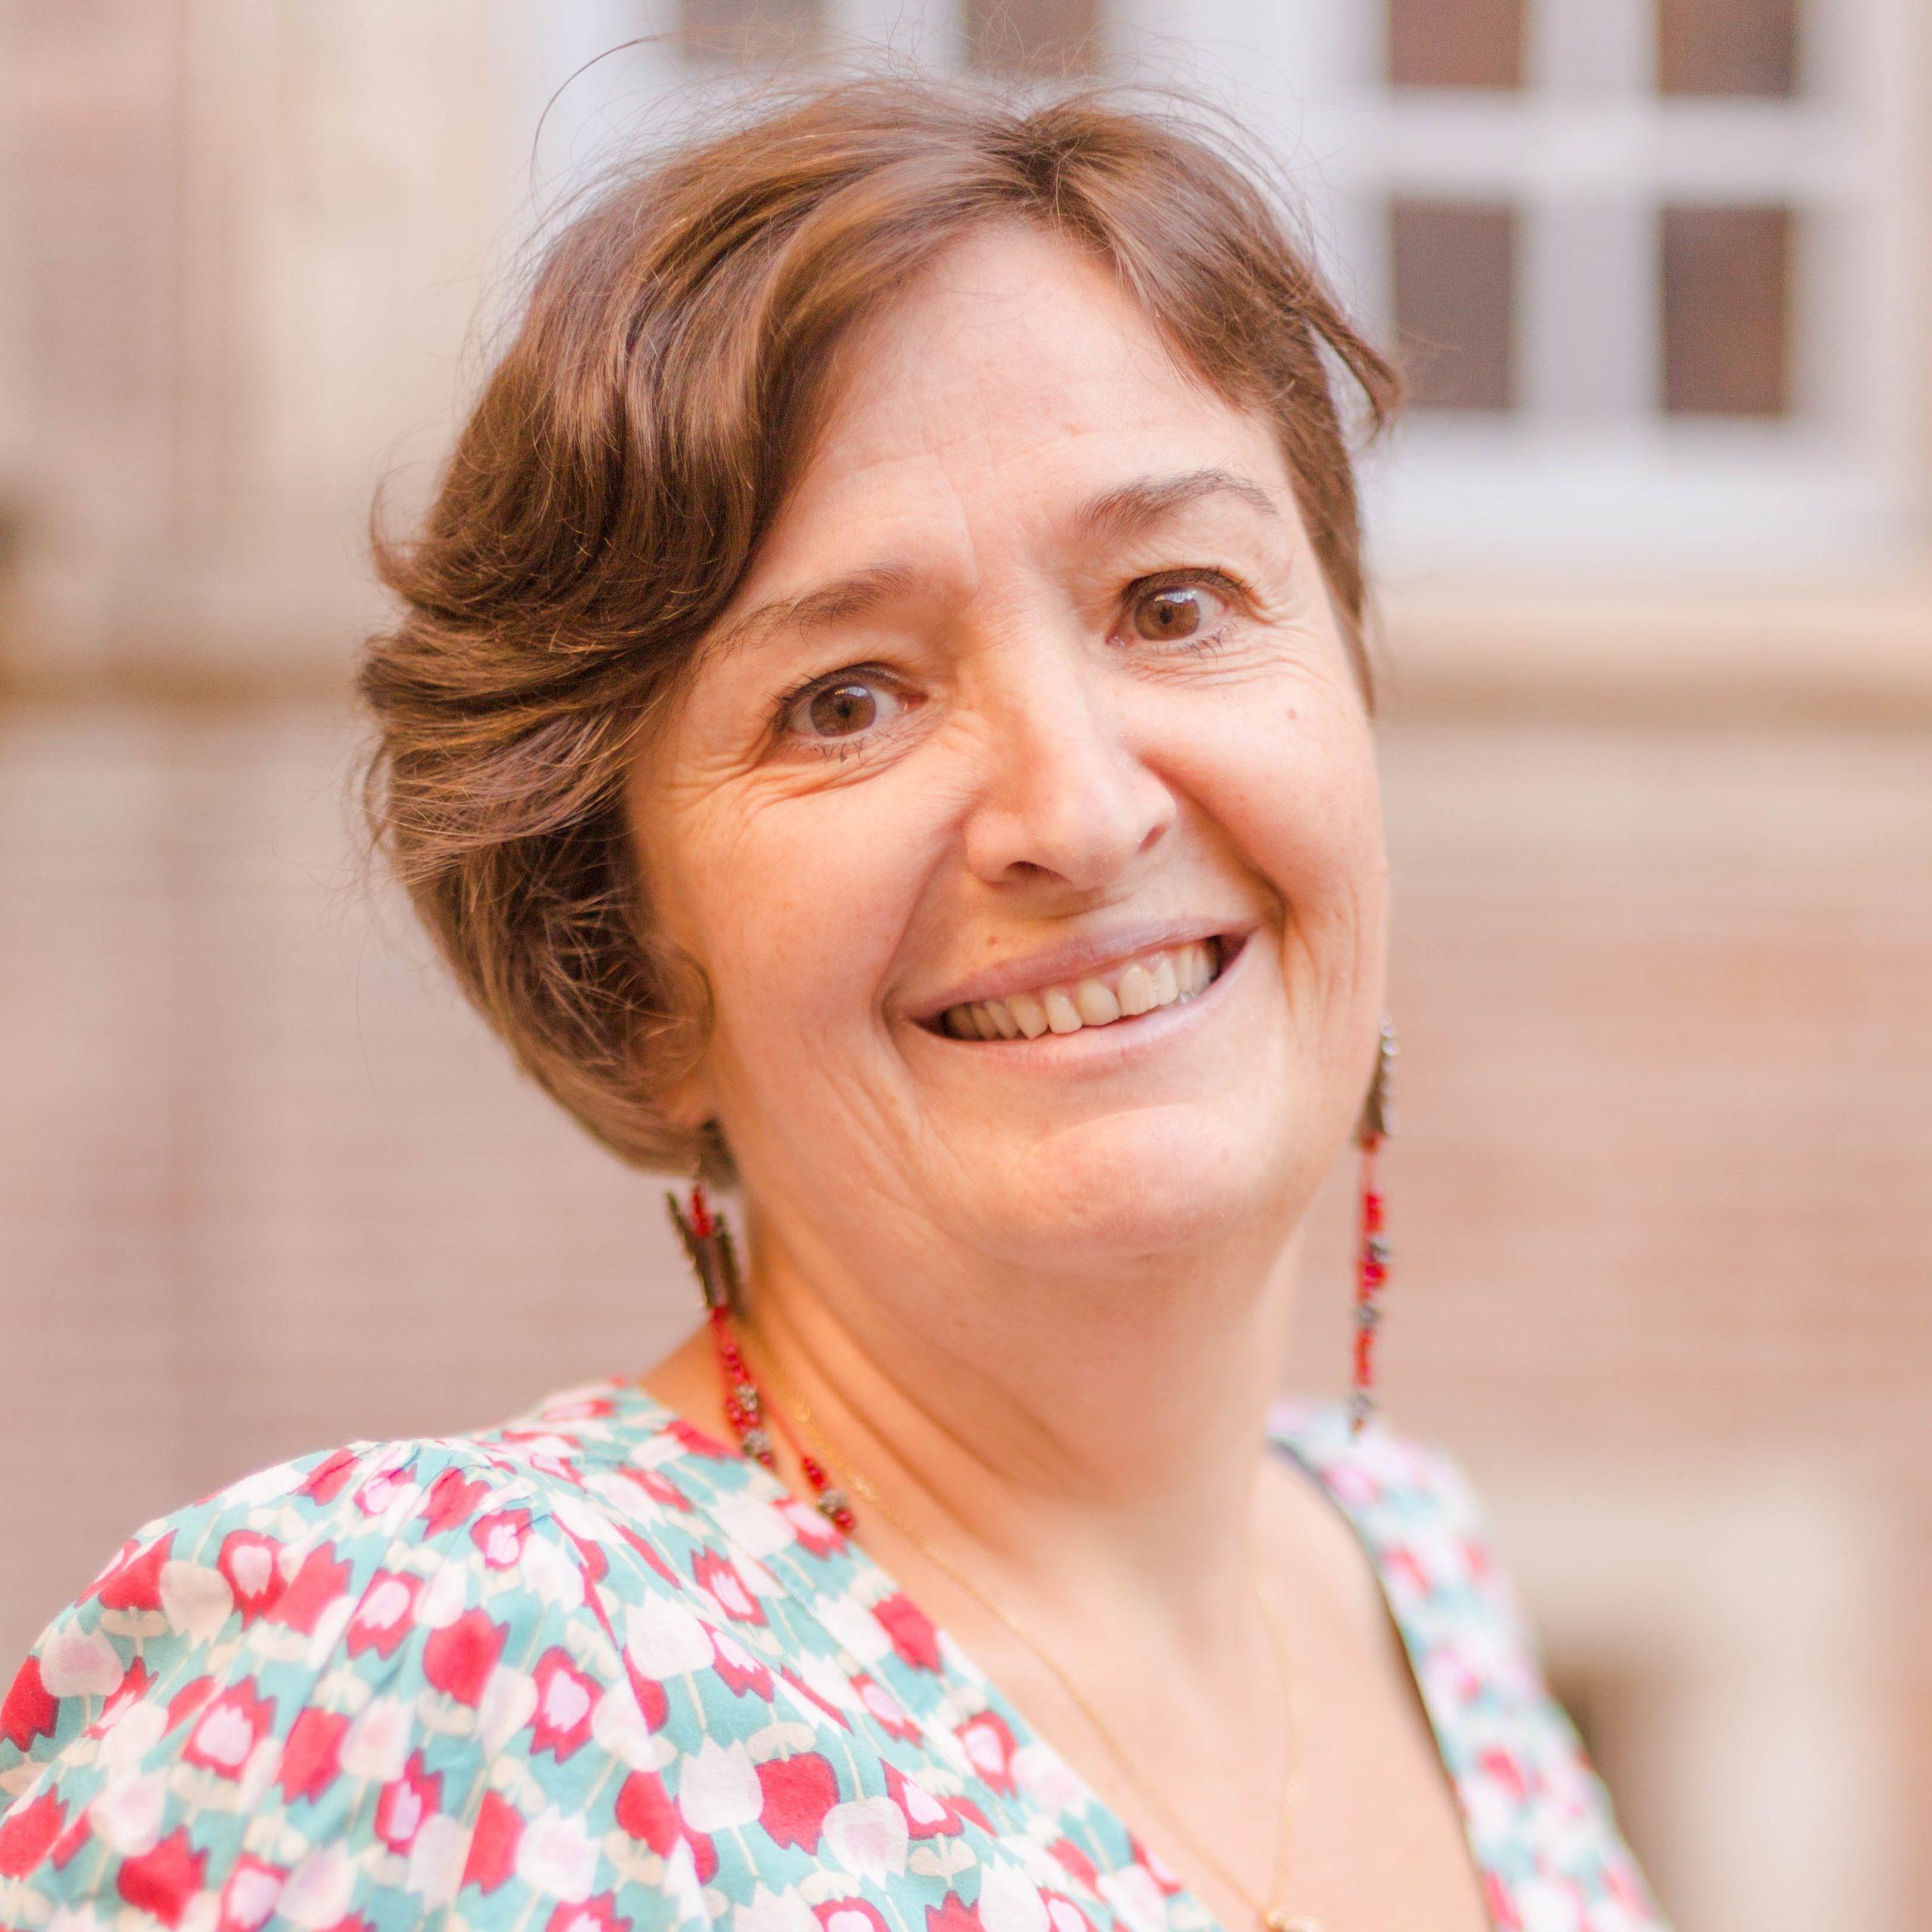 Nathalie Donzeau